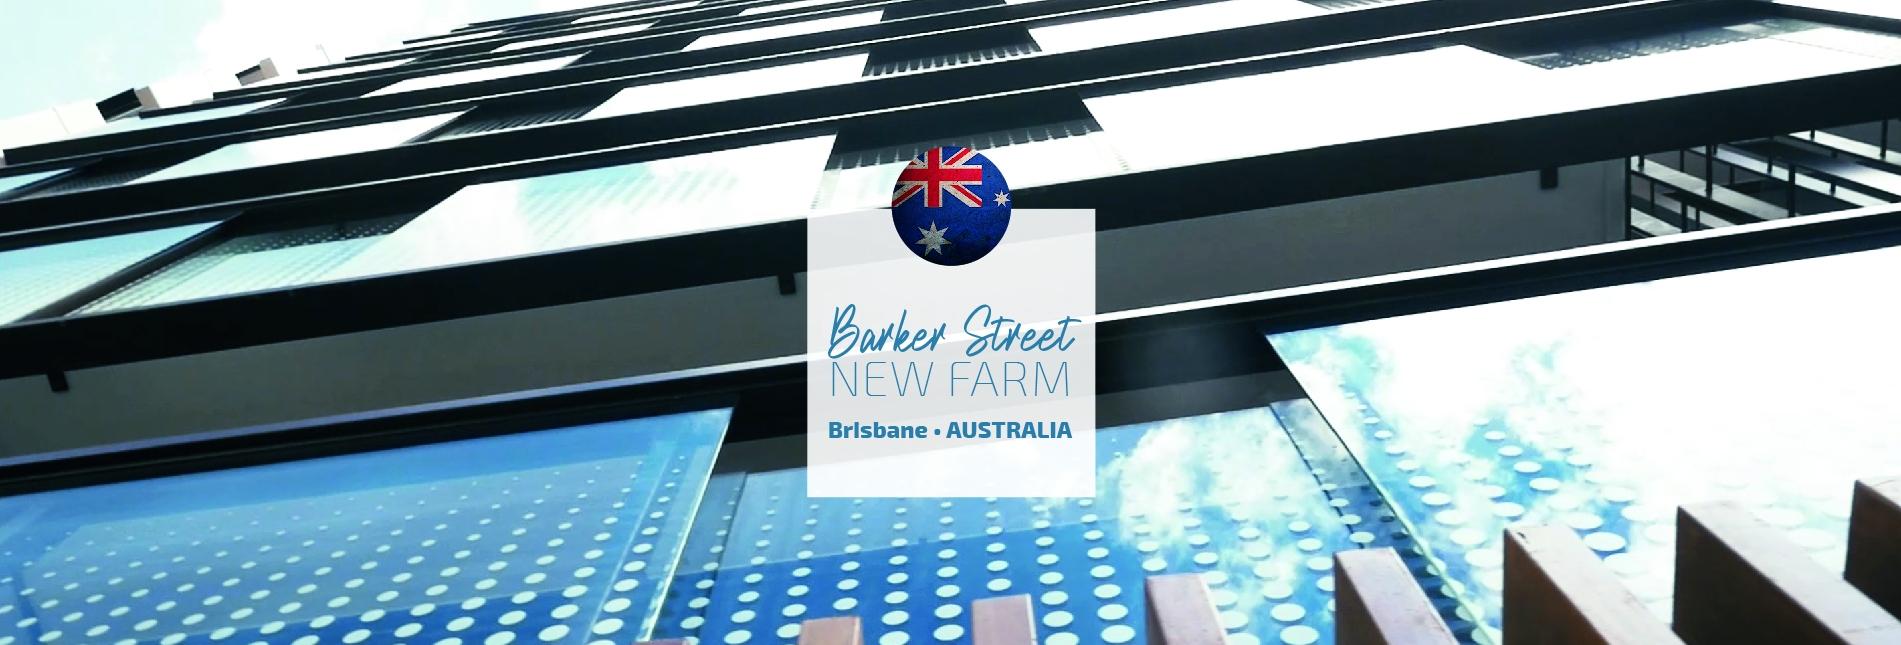 BarkerSt, New farm, Brisbane, Qld Australia